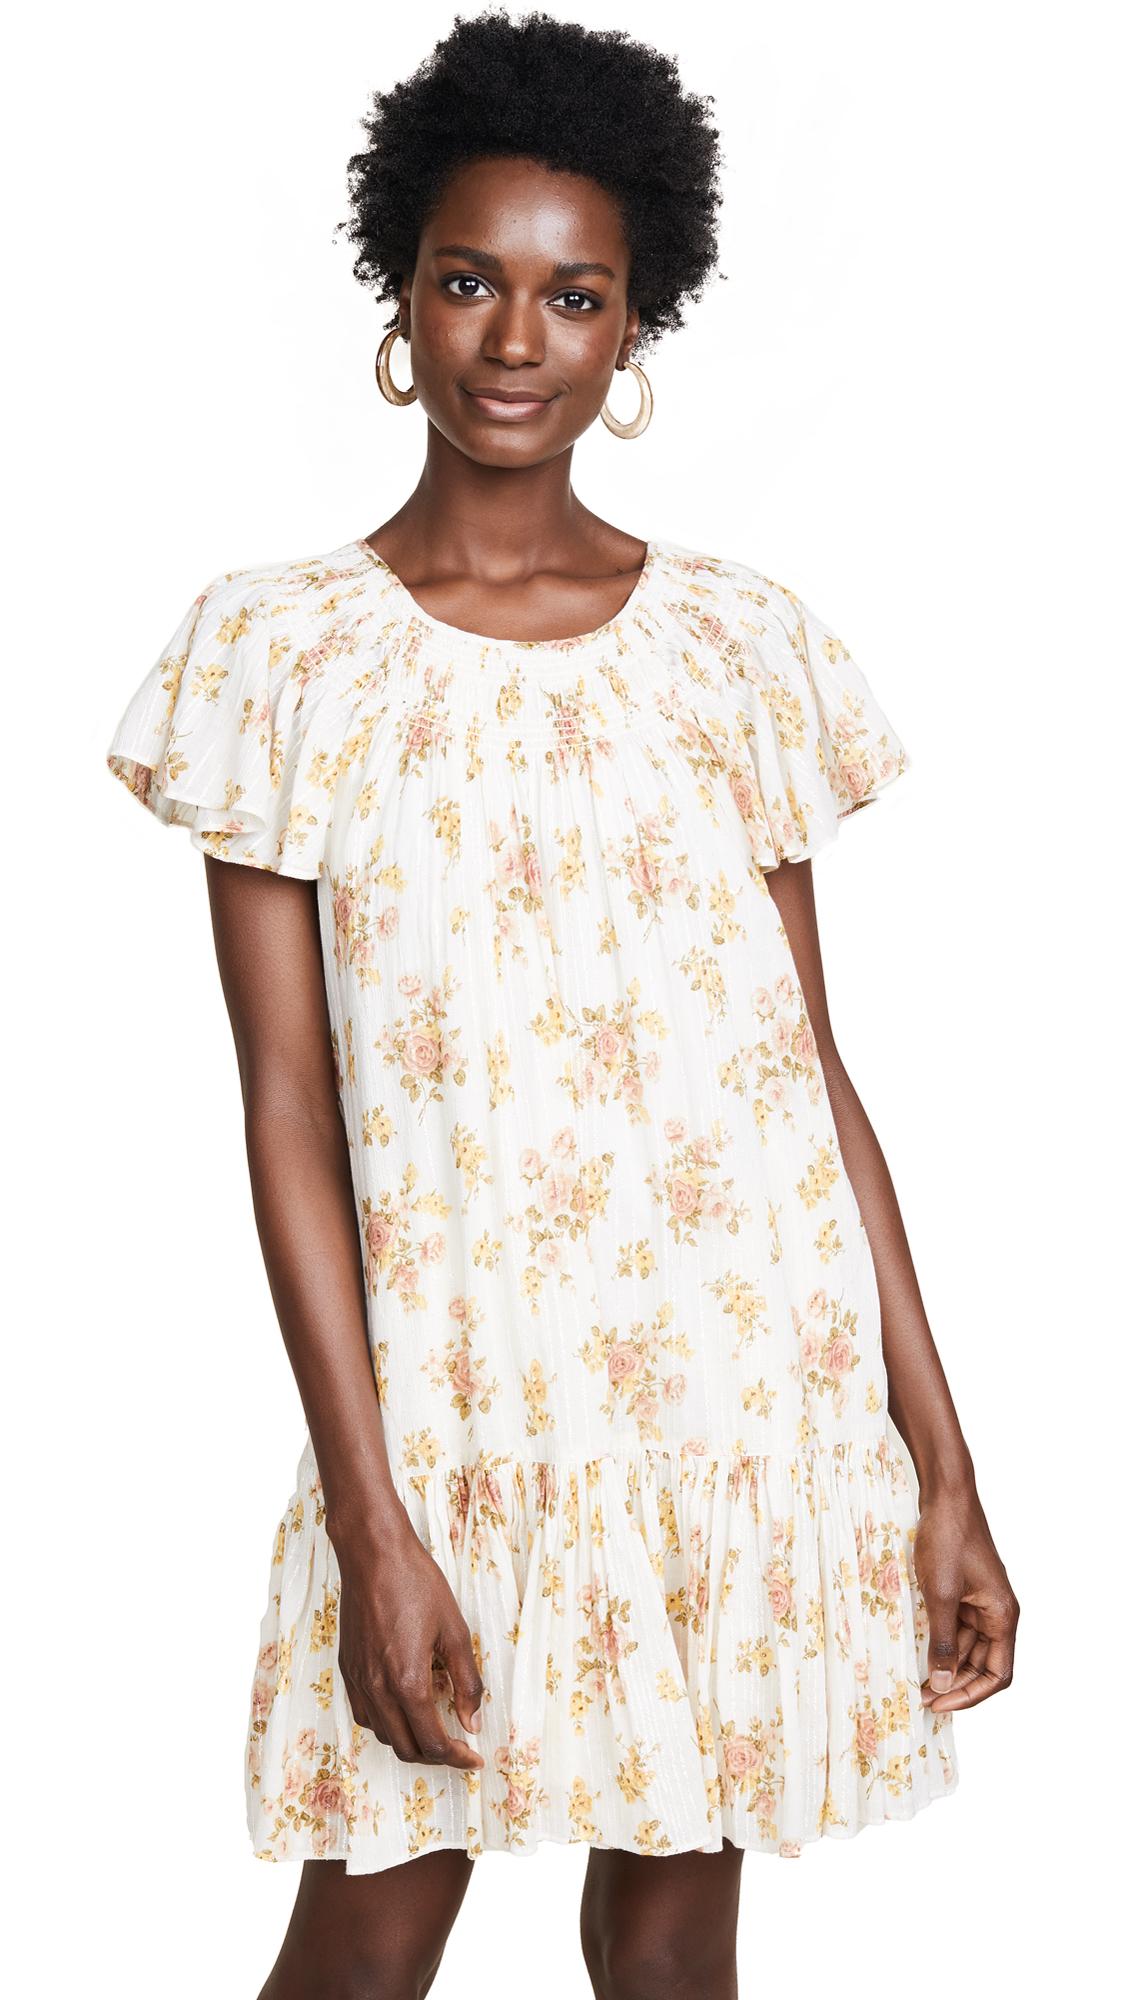 La Vie Rebecca Taylor Madeline Dress In Milk